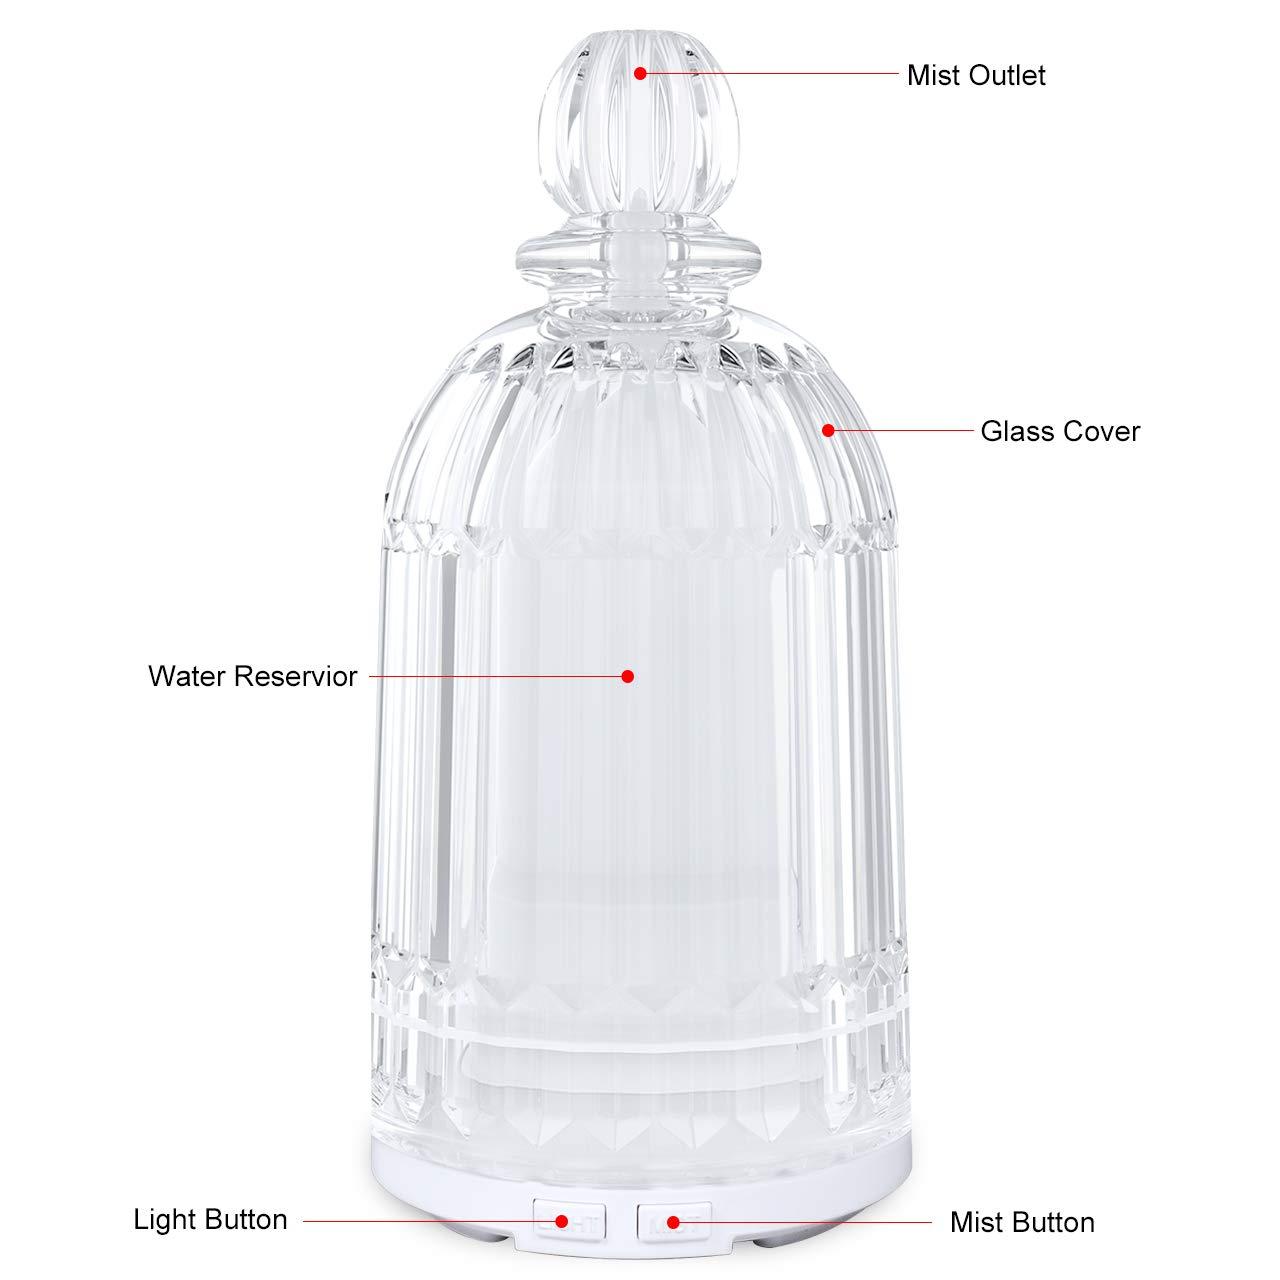 LATITOP Glasöl Diffusor Ultraschall Aromatherapie Diffusor für ätherische Öle mit 7-farbigen LED-Leuchten, automatische Abschaltfunktion (Weiß)